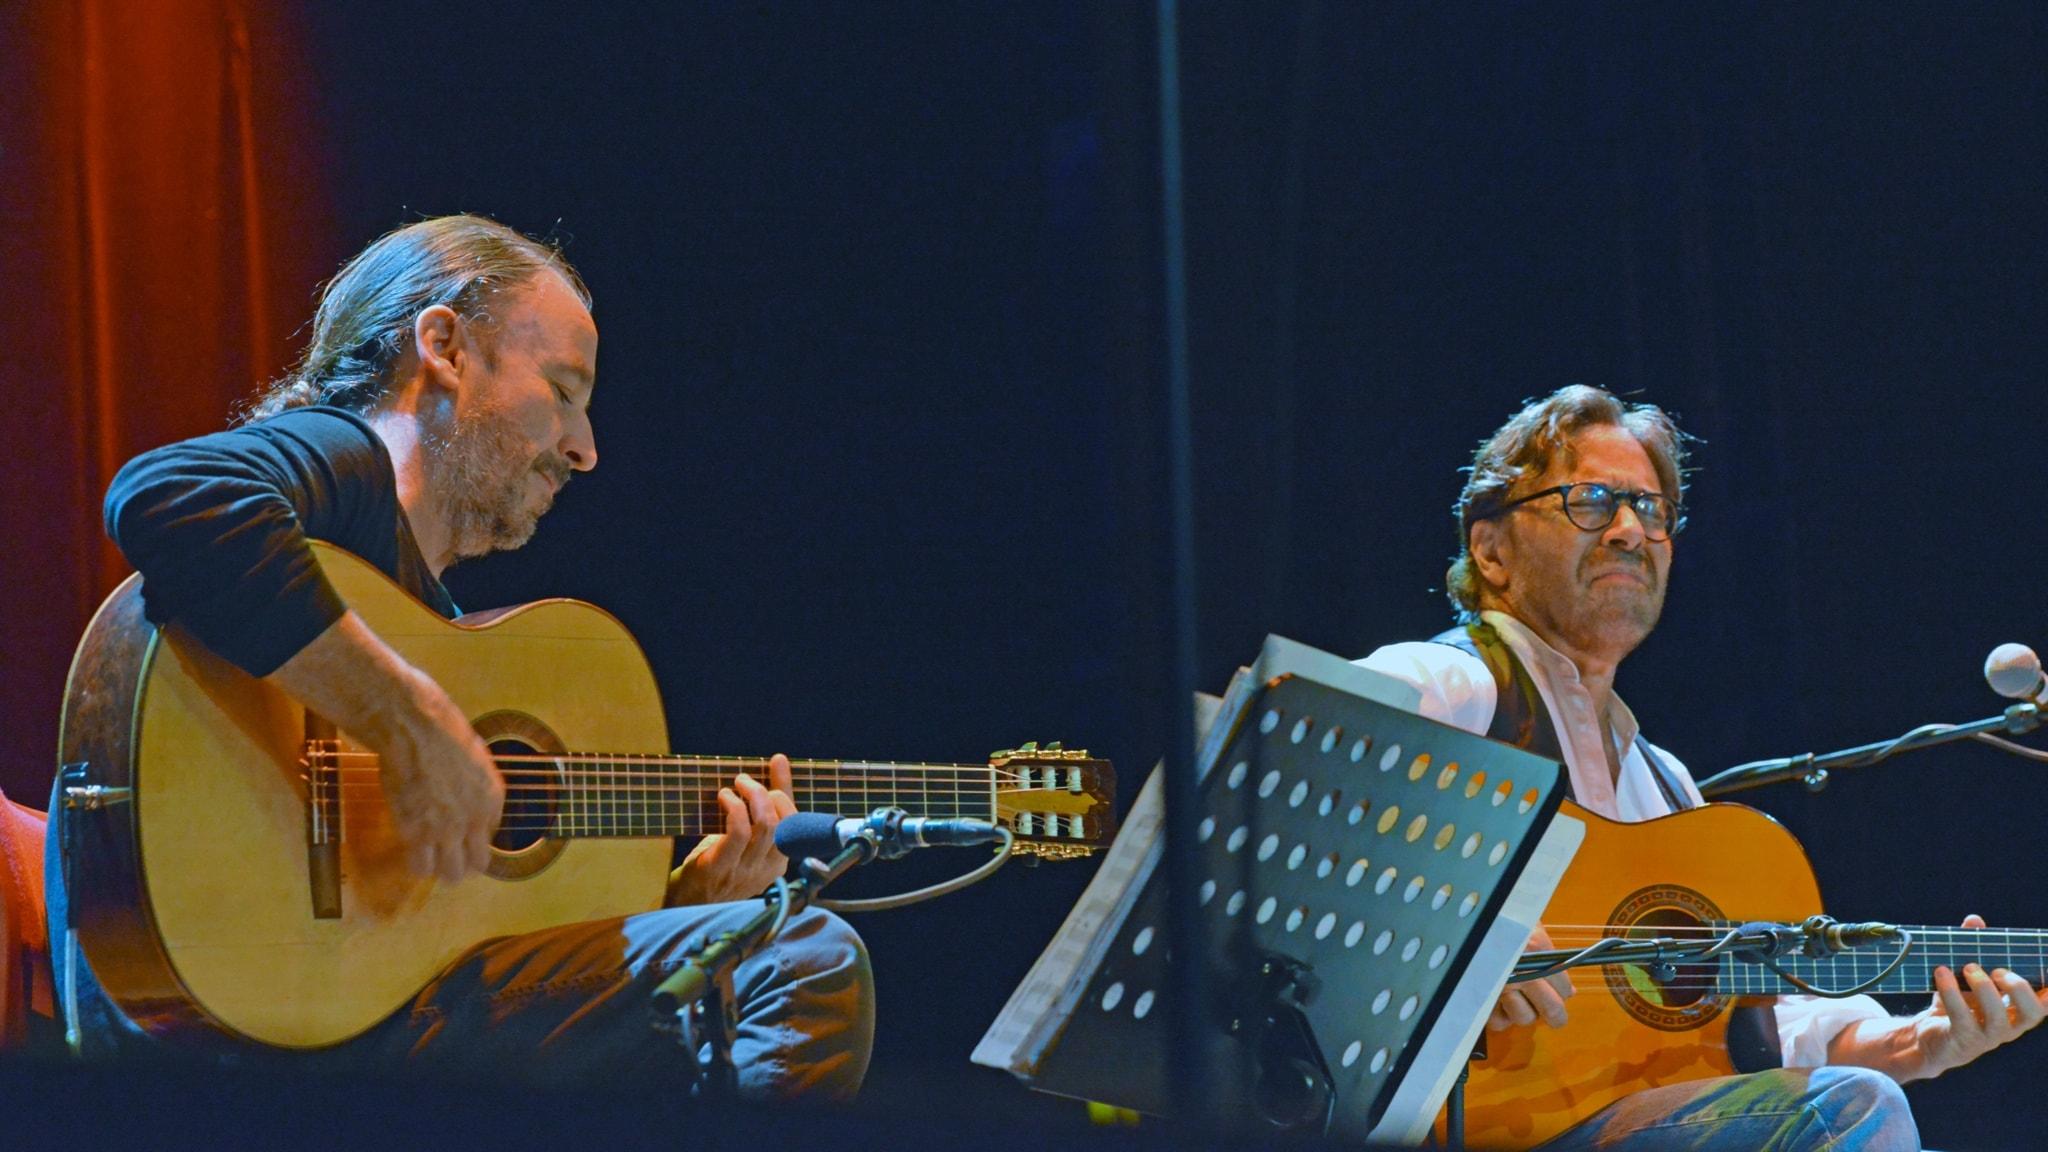 Två gitarrister på en konsertscen